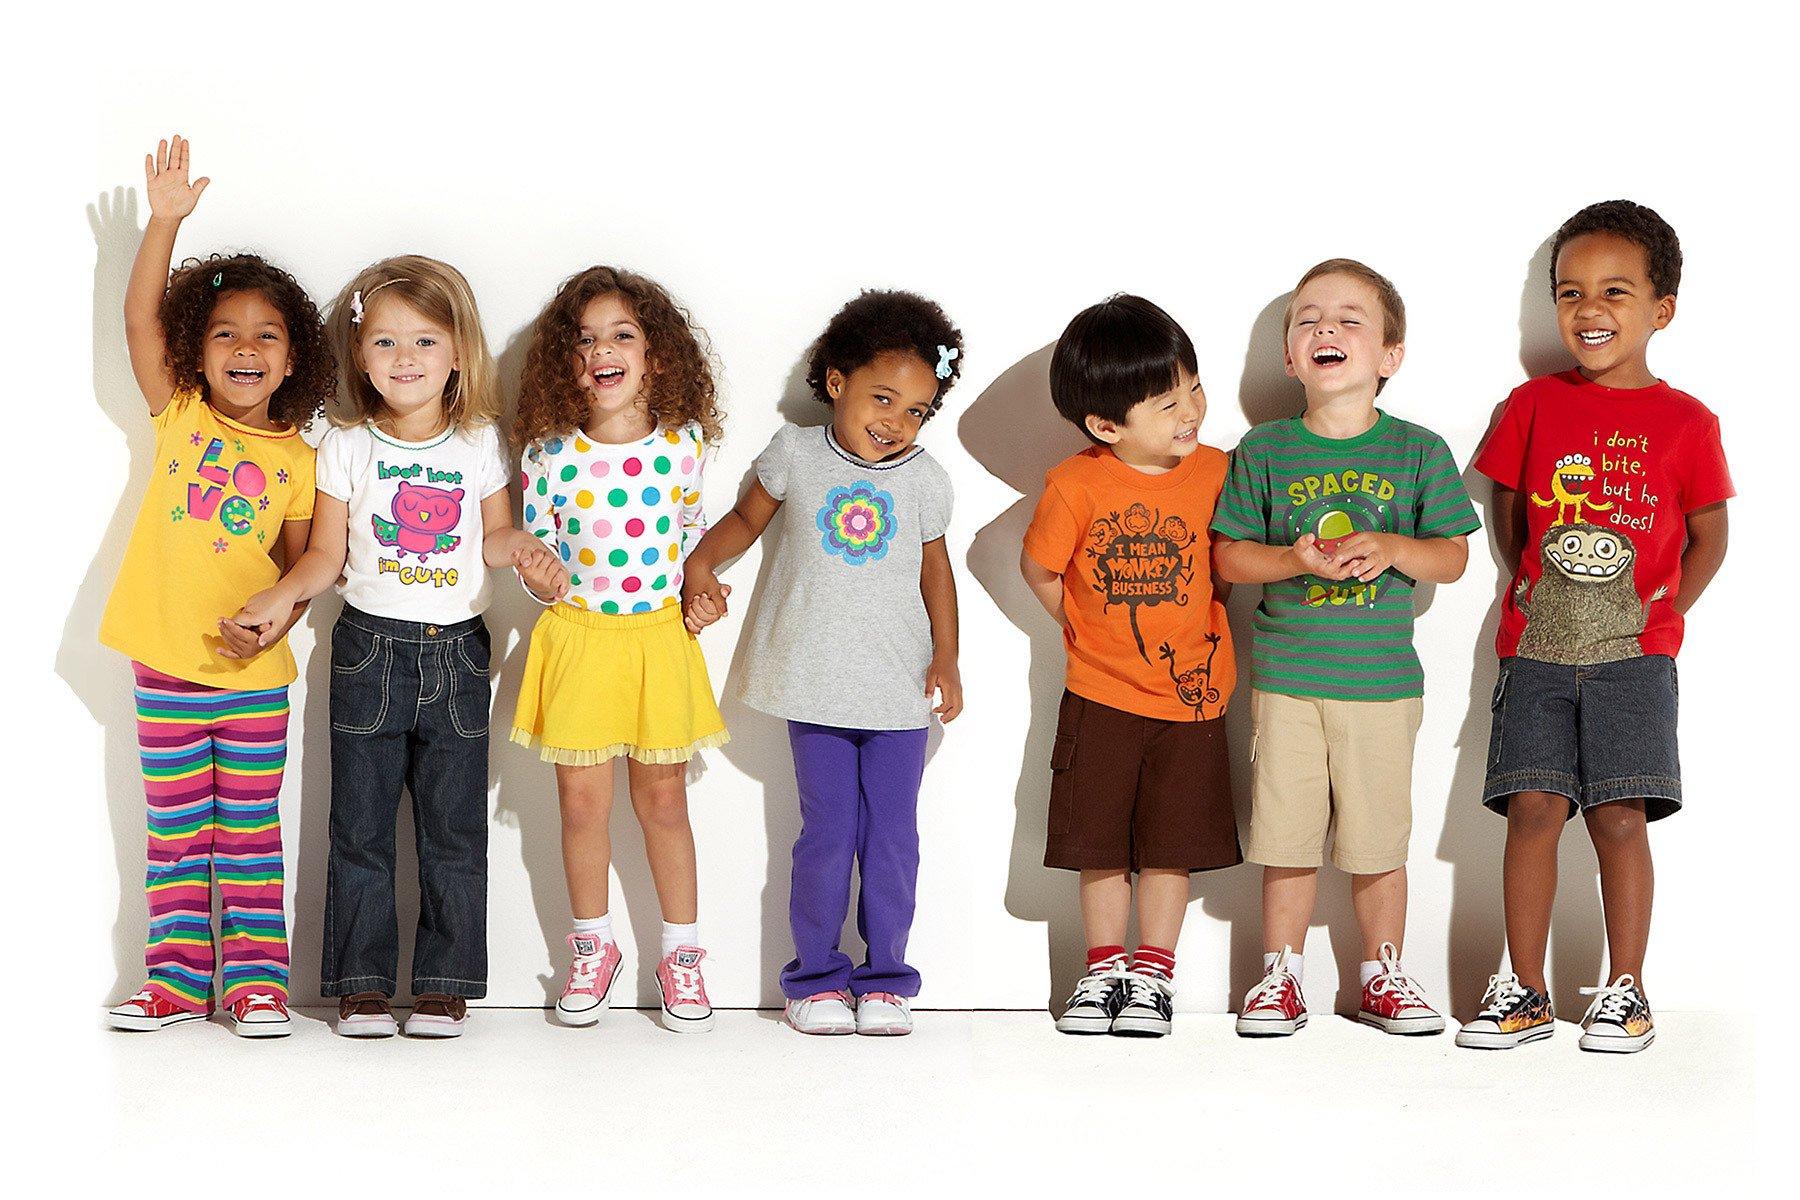 Kids ESL буюу Хүүхдийн ерөнхий англи хэл